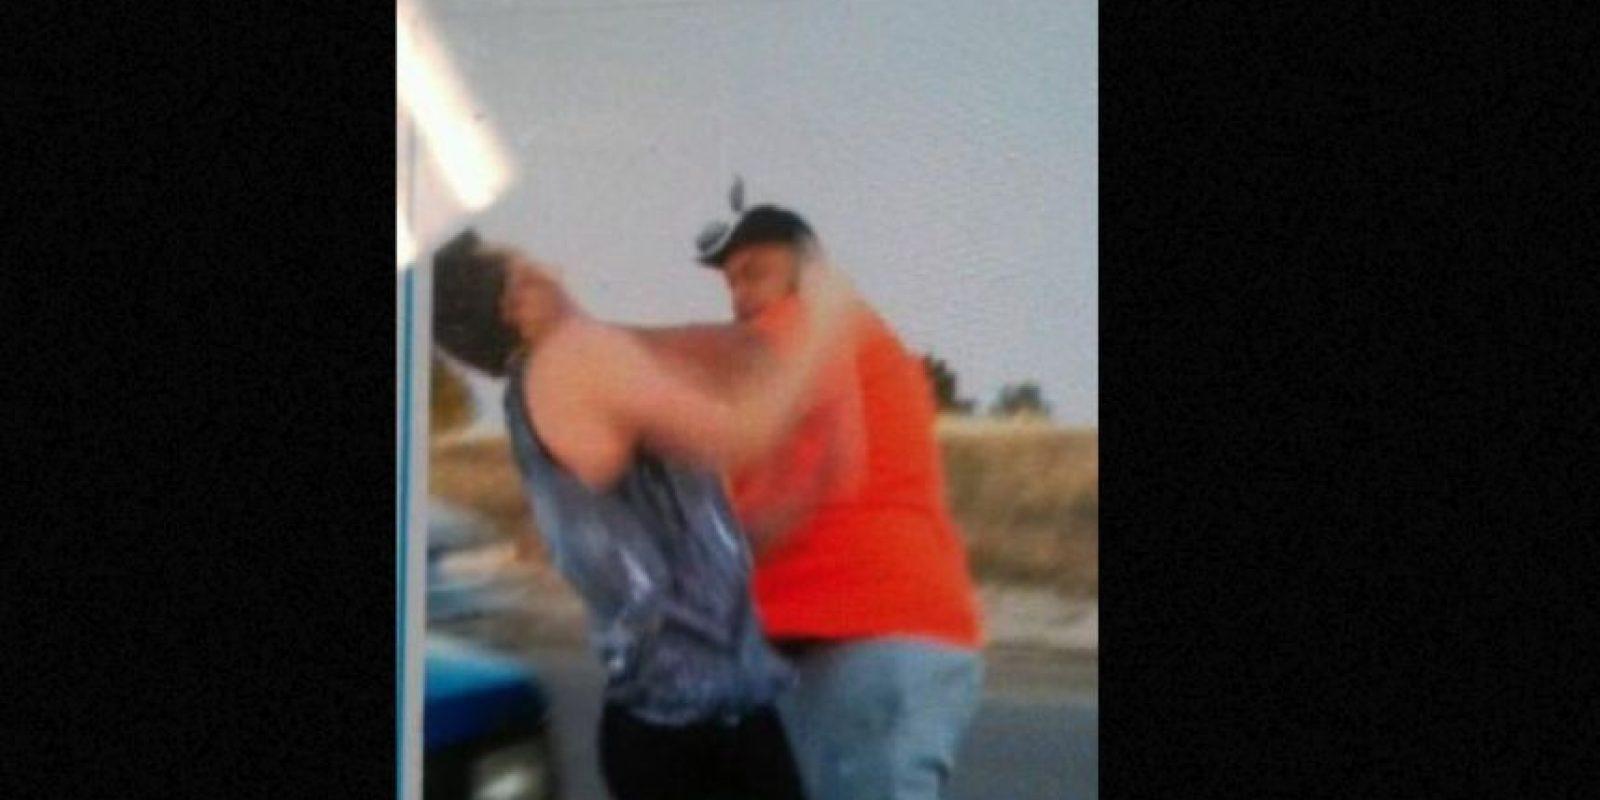 Steven Paula, de 43 años, fue arrestado en Colorado, Estados Unidos, por un cargo de asalto en tercer grado en contra de Mason Deal, de 18 años. El momento fue filmado por la novia de este último y lo subió a Snapchat. Foto:vía Twitter